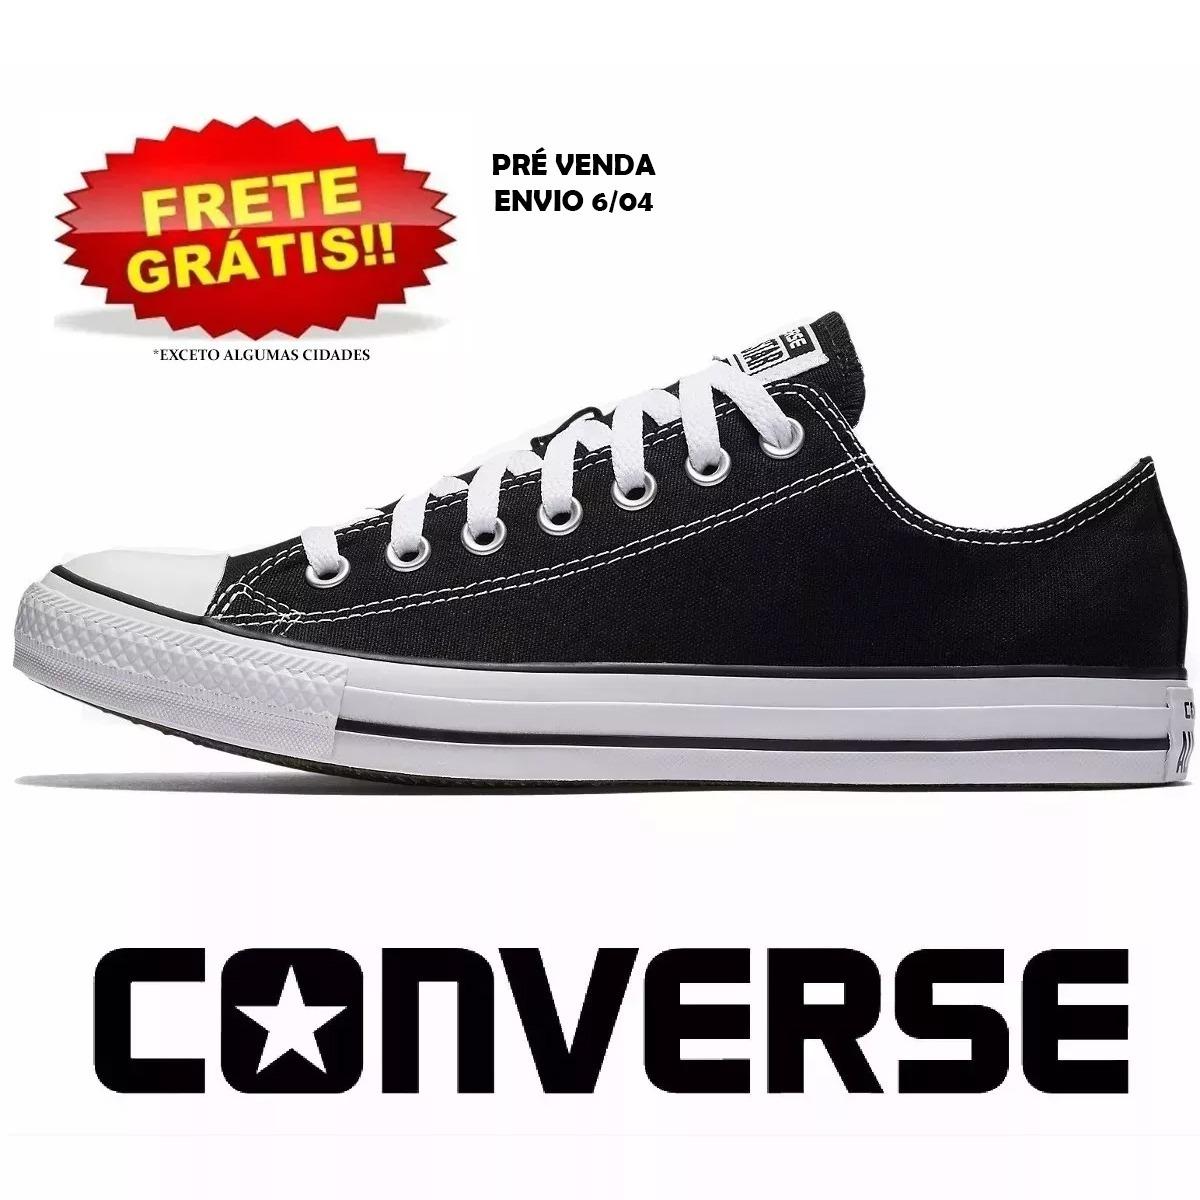 2069cbb52d1 Tênis Converse All Star Ct 33 Até 49 Pré Venda Envio 6 04 - R  149 ...